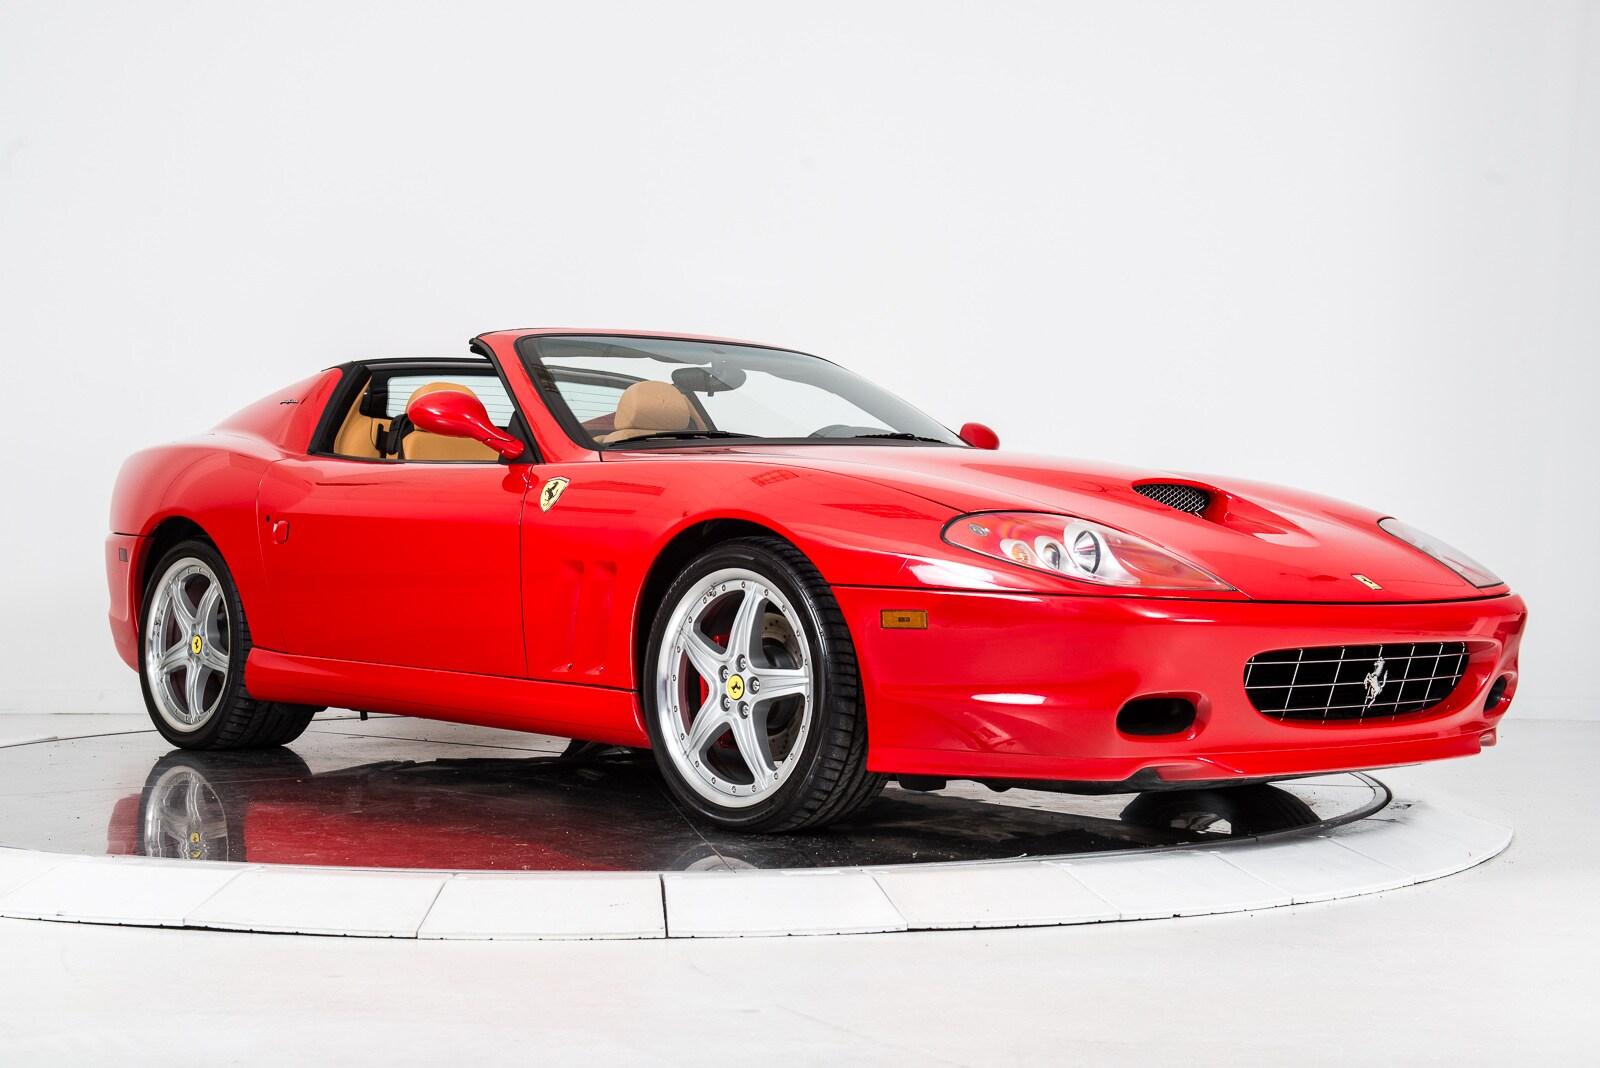 Used 2005 Ferrari 575 Superamerica In Red For Sale In Nyc